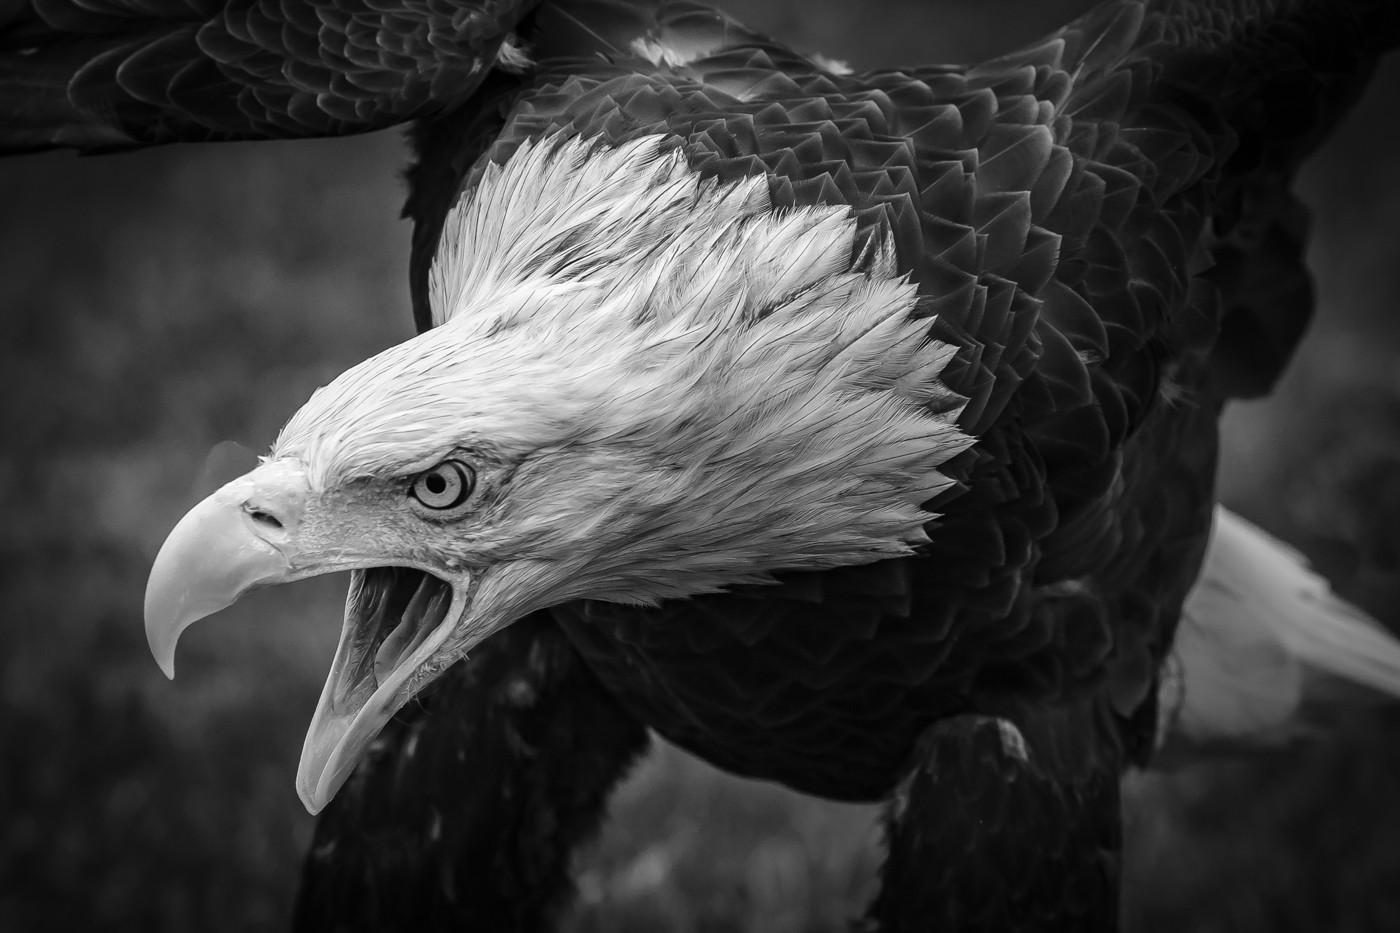 Screamn' Eagle